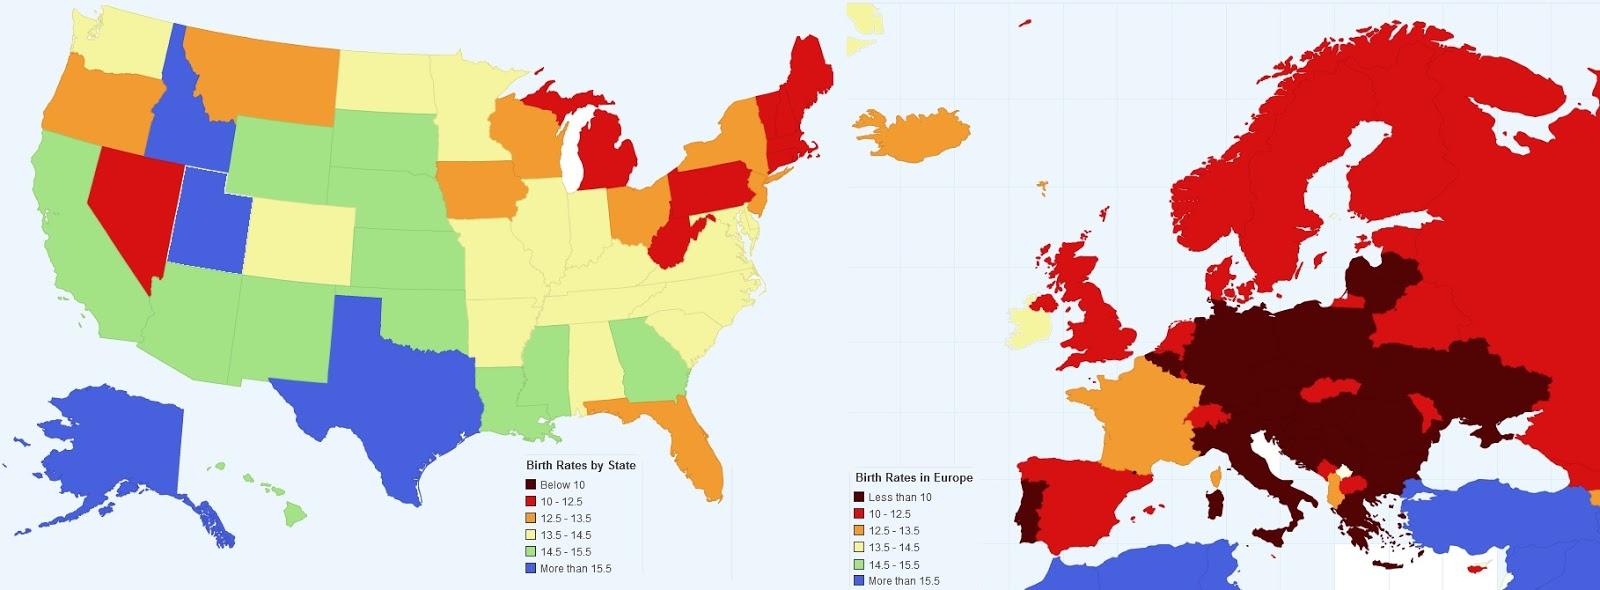 Cartina Europa E Medio Oriente.Calo Delle Nascite La Mappa Di Europa E Usa A Confronto Non C E Paragone